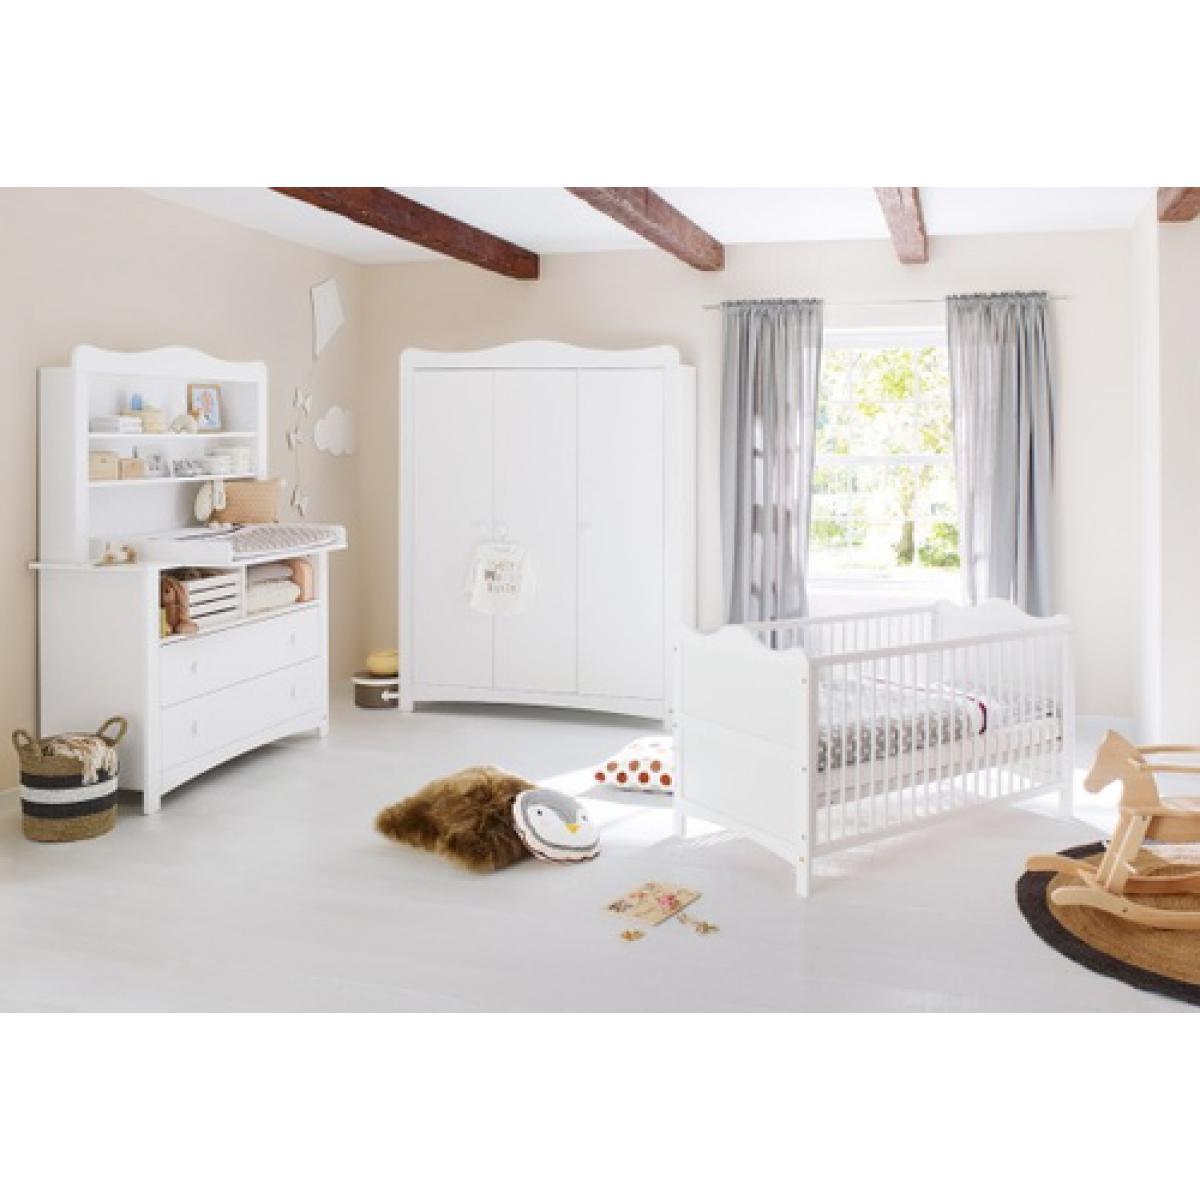 Pinolino Pinolino Chambre de bébé Florentina 4 pièces lit de bébé évolutif commode à langer armoire